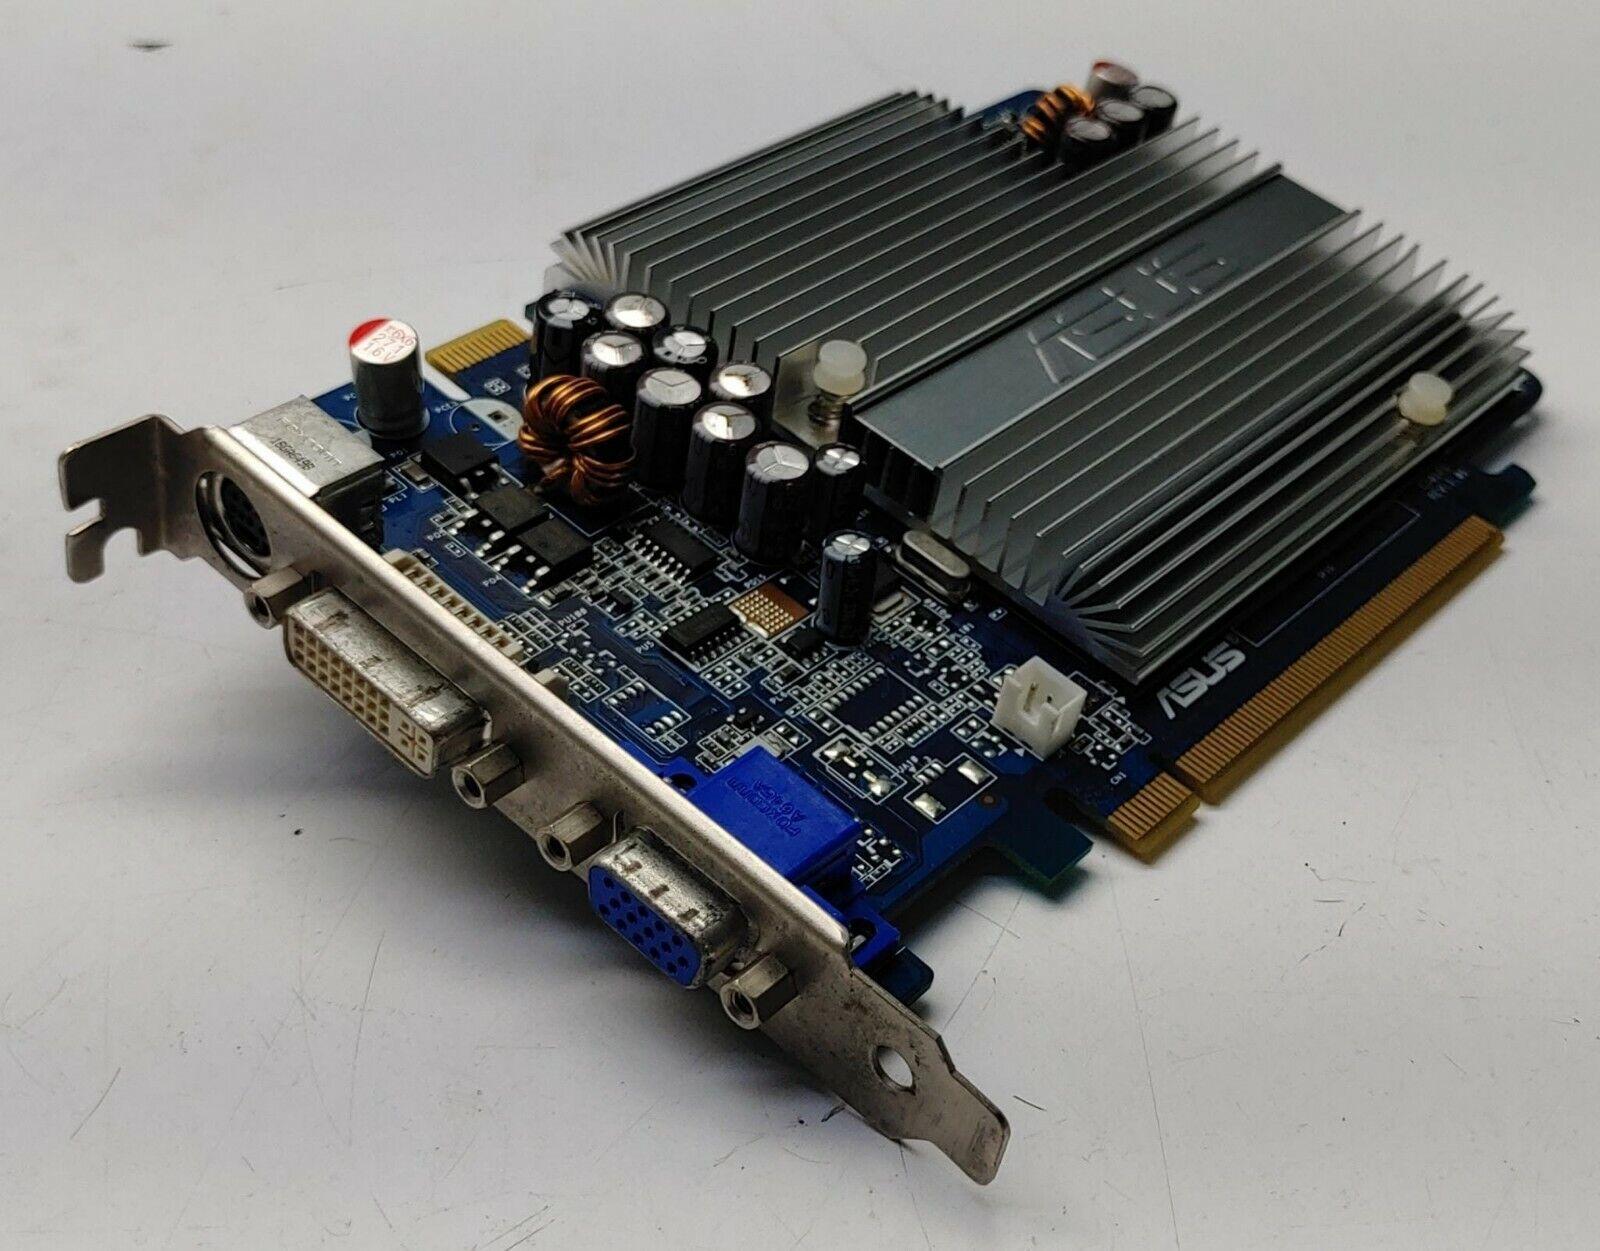 エイスース EN7300GT/SILENT/HTD/256M/A 256MB VGA DVI DDR2 PCIe VGA パッシブ